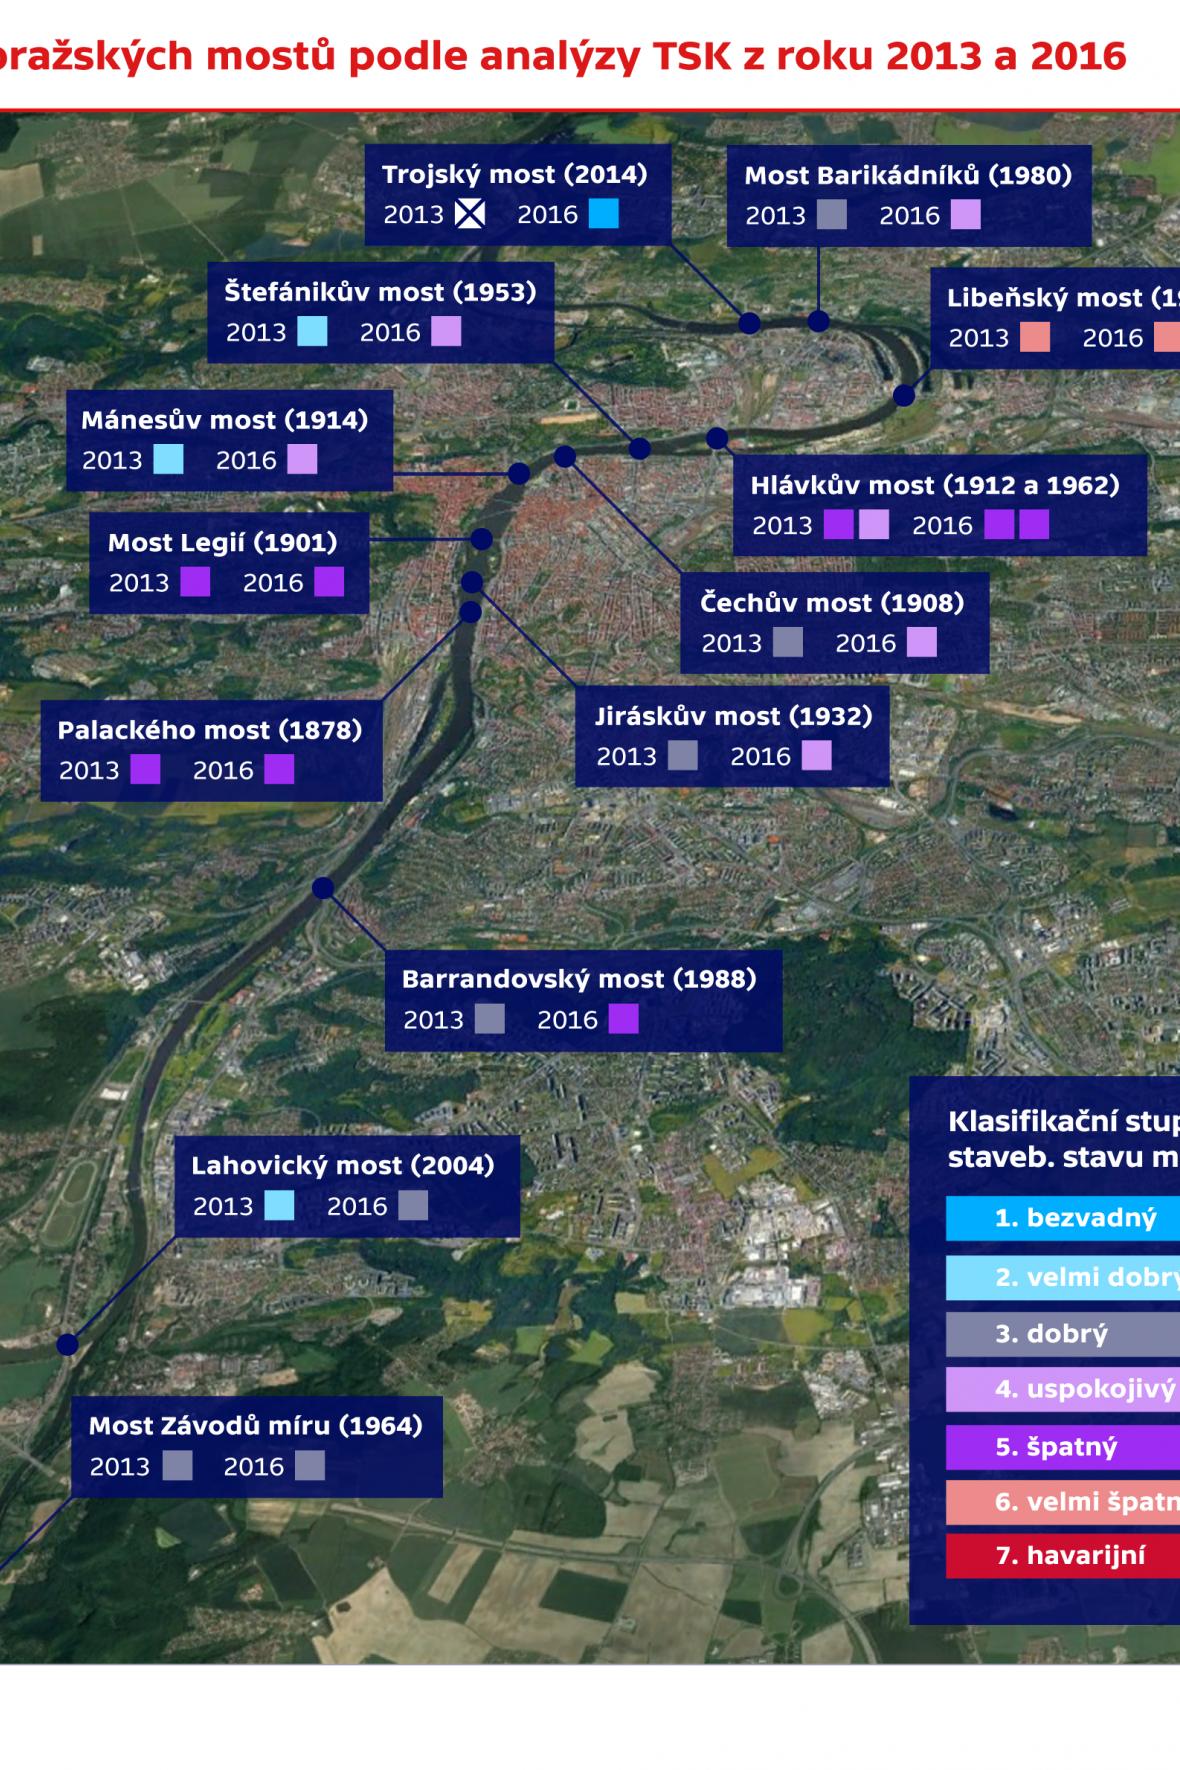 Stav pražských mostů podle analýzy TSK z roku 2013 a 2016